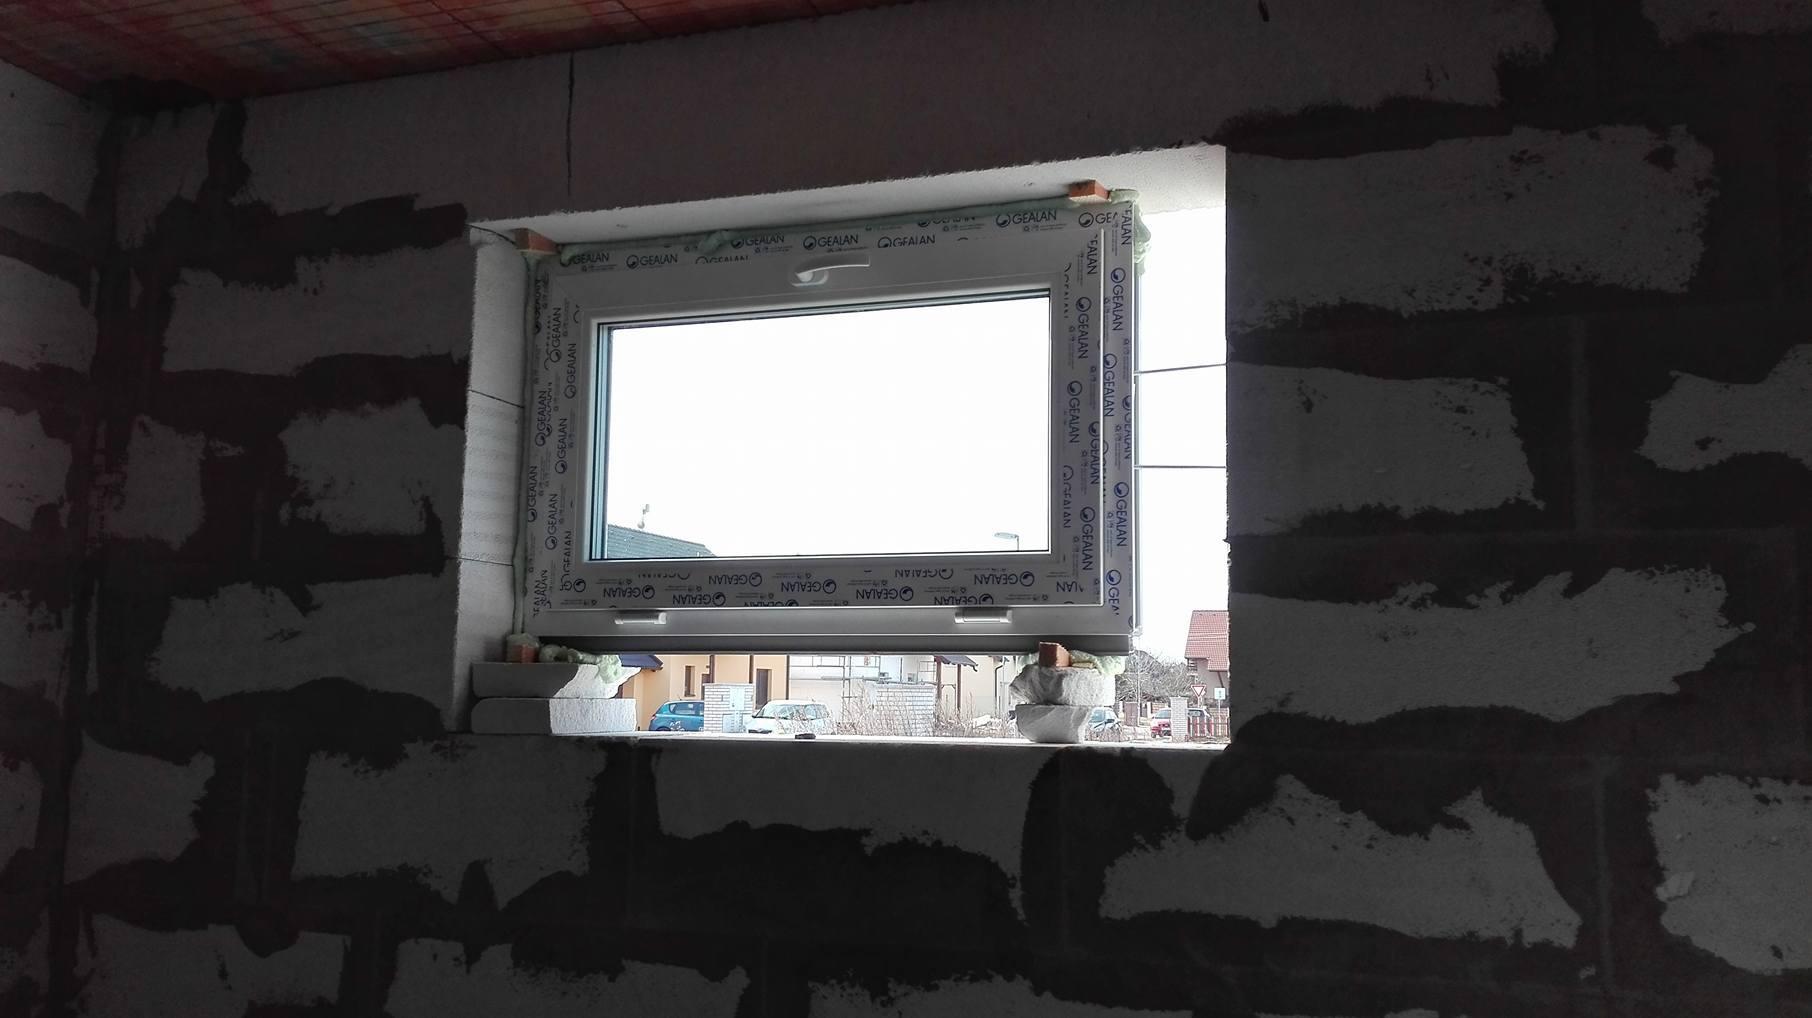 Stavba domu na kraji Prahy - Okna jsou již na svém místě, avšak koupelnové okno je trošku menší, než se plánovalo. No nic, je potřeba dodělat ytong a bude to sedět.